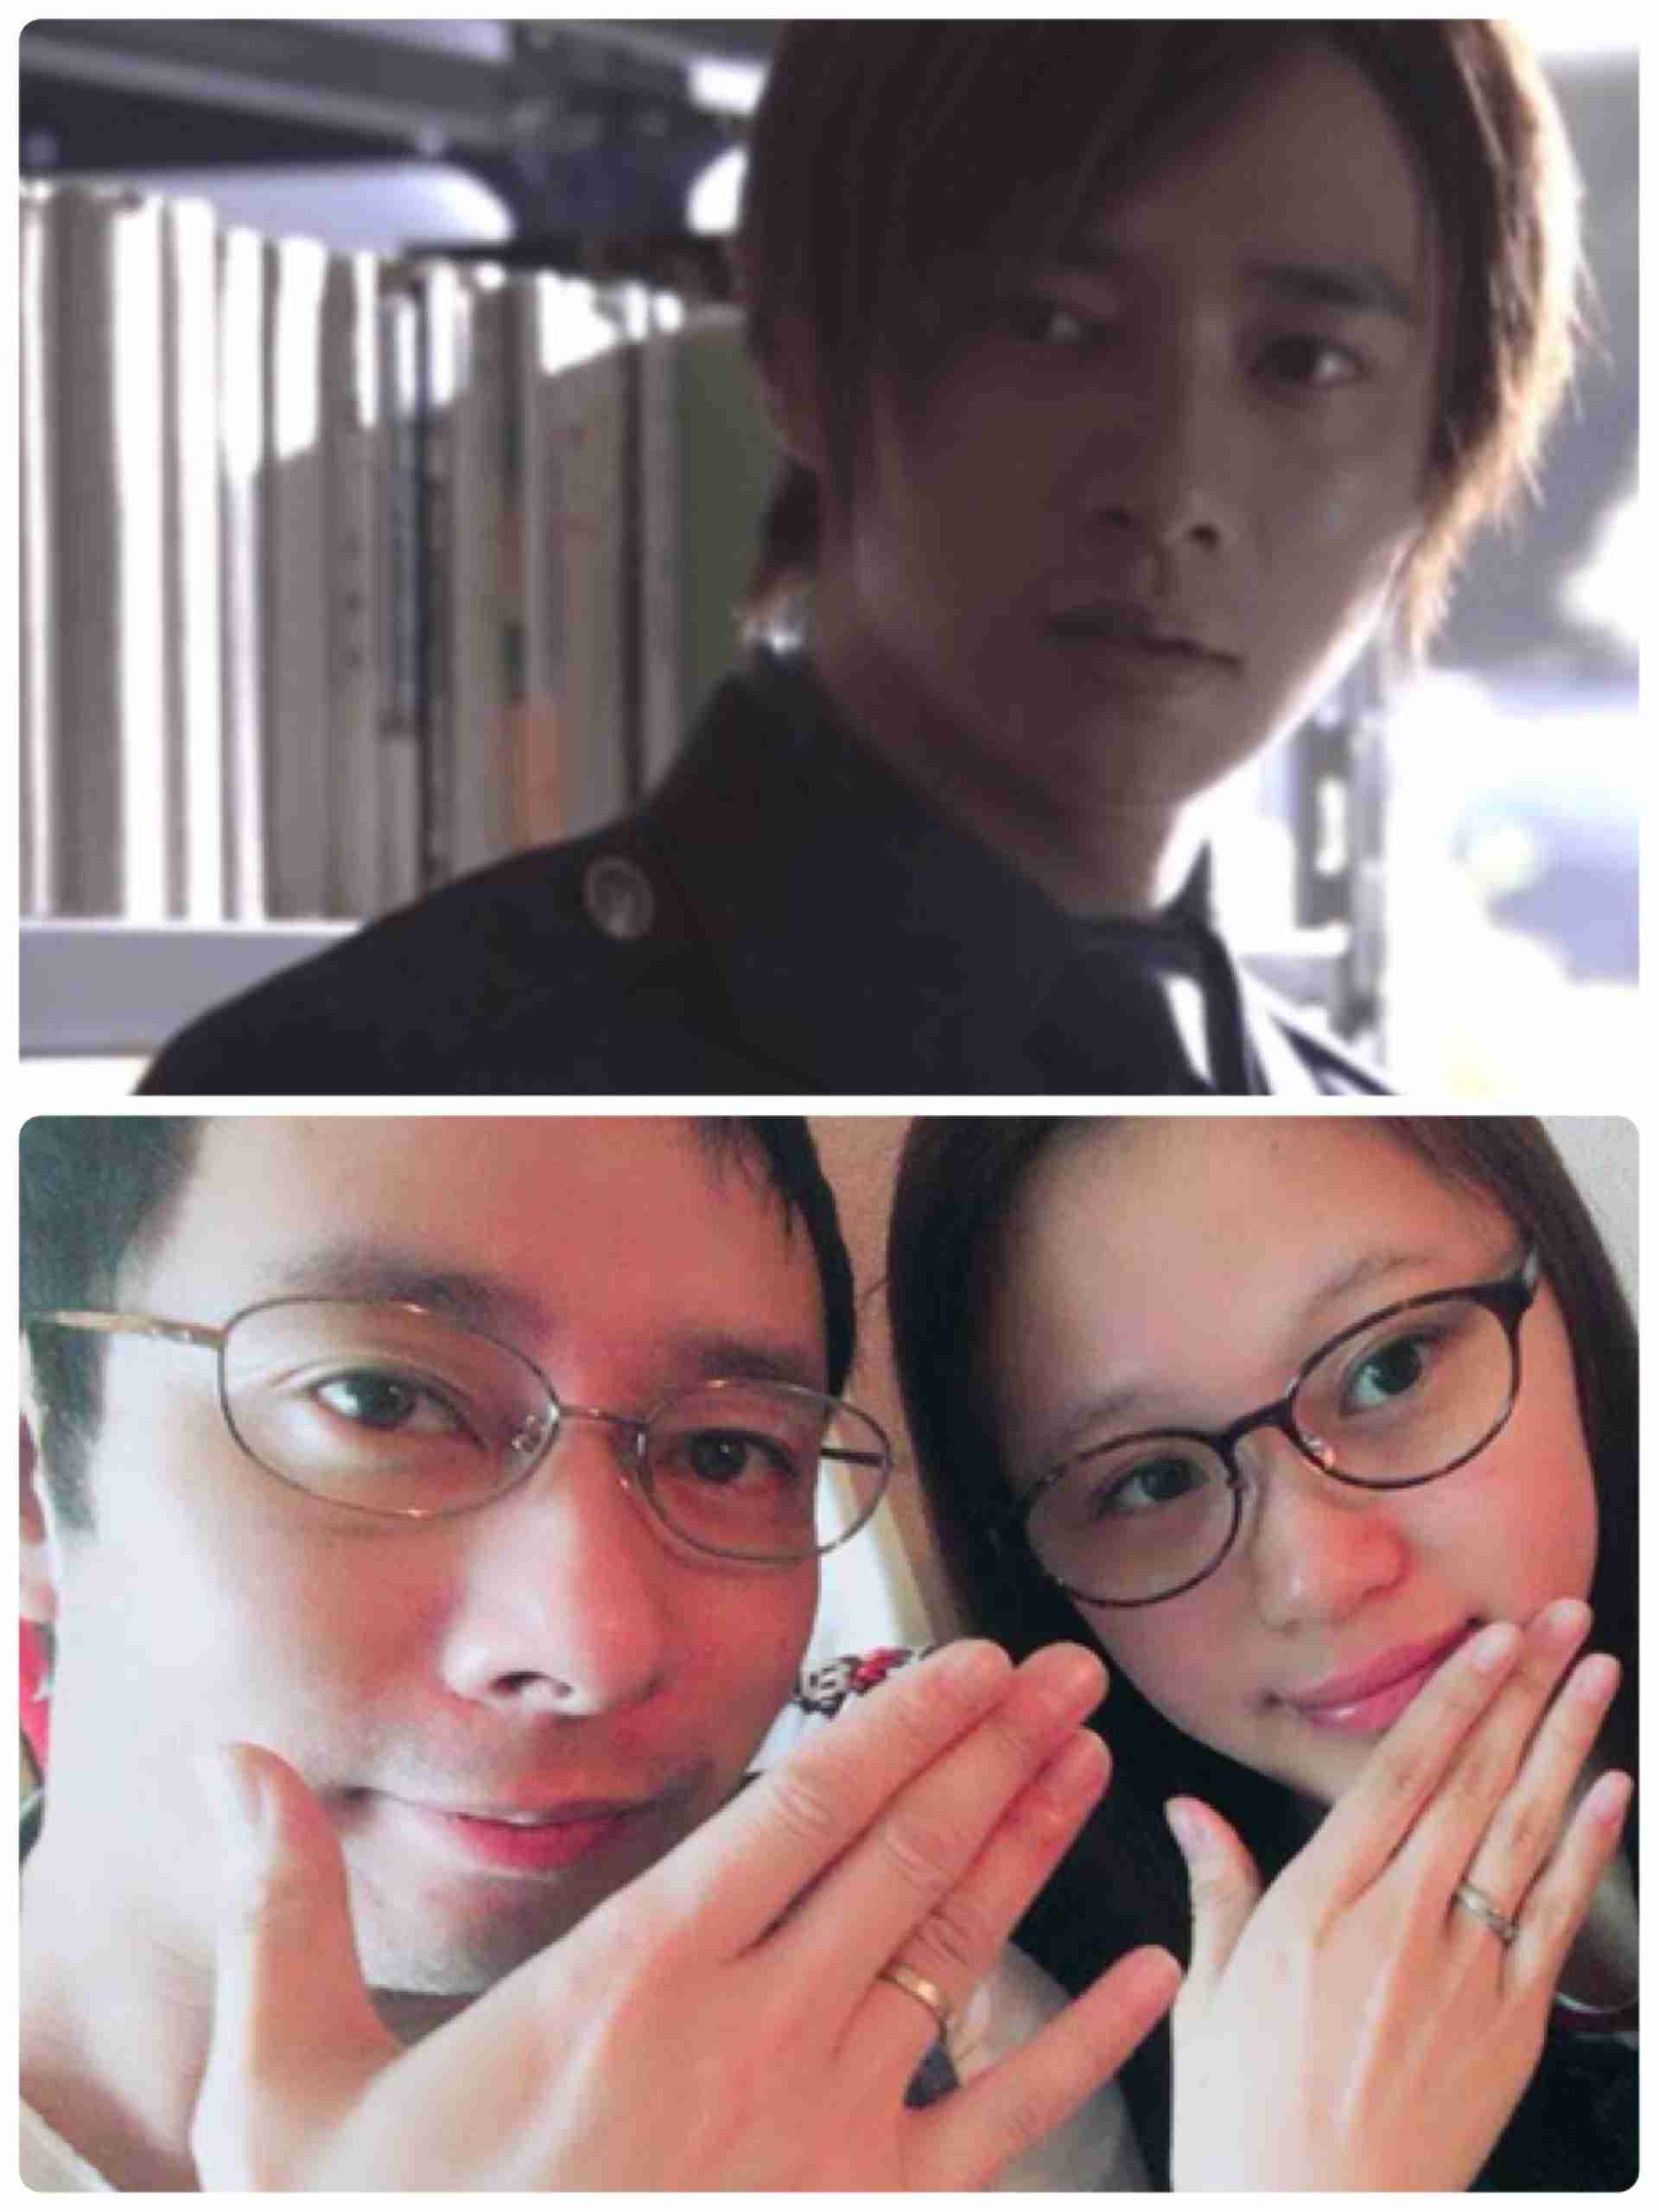 いしだ壱成と結婚の飯村貴子「いざ、入籍」 夫と結婚指輪掲げて2ショット